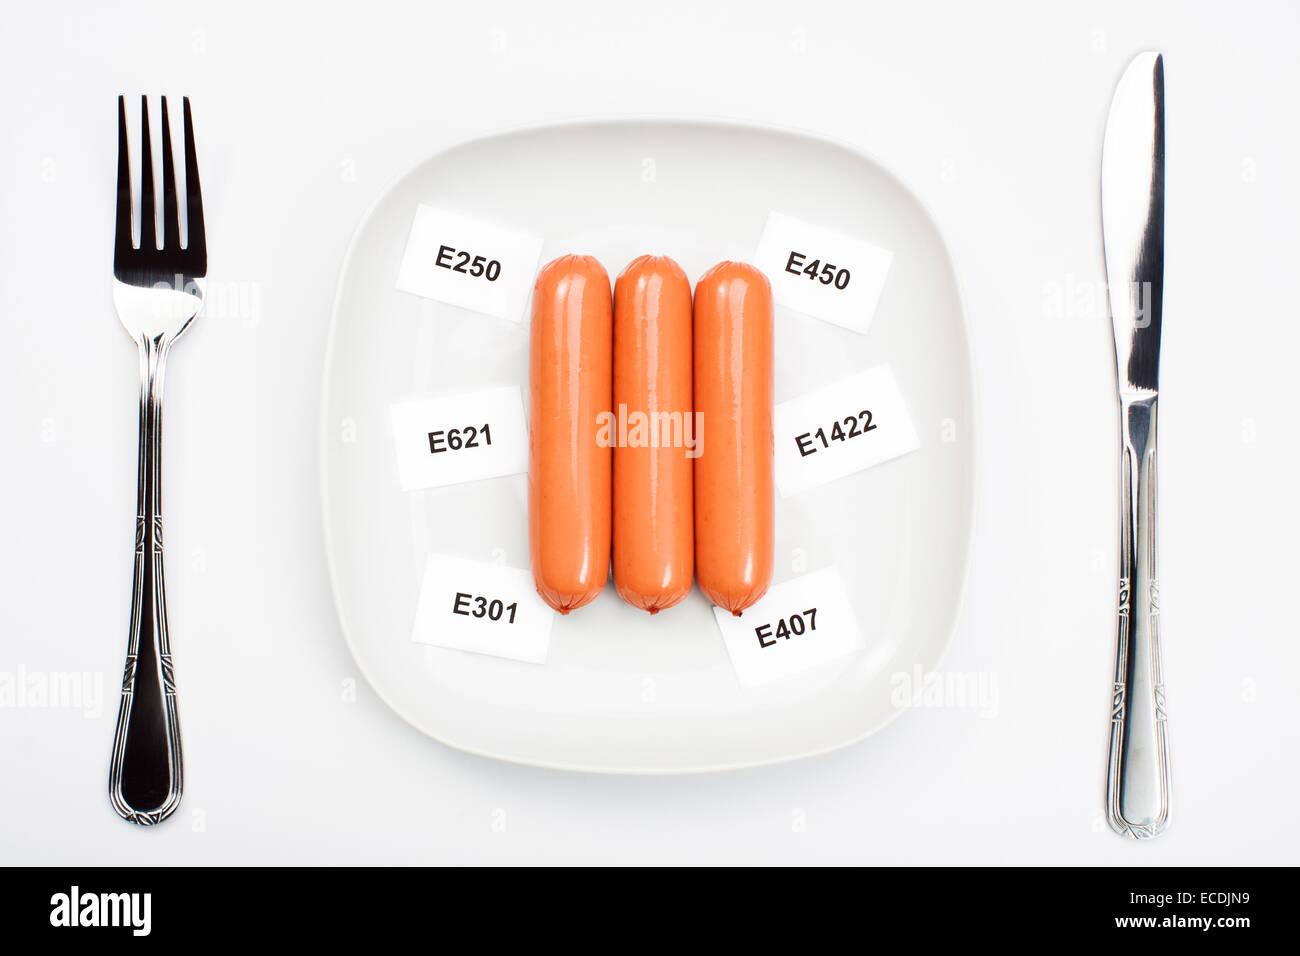 Ungesunde Lebensmittel Konzept - chemische Zusätze in Lebensmitteln. Würstchen auf Platte Stockbild